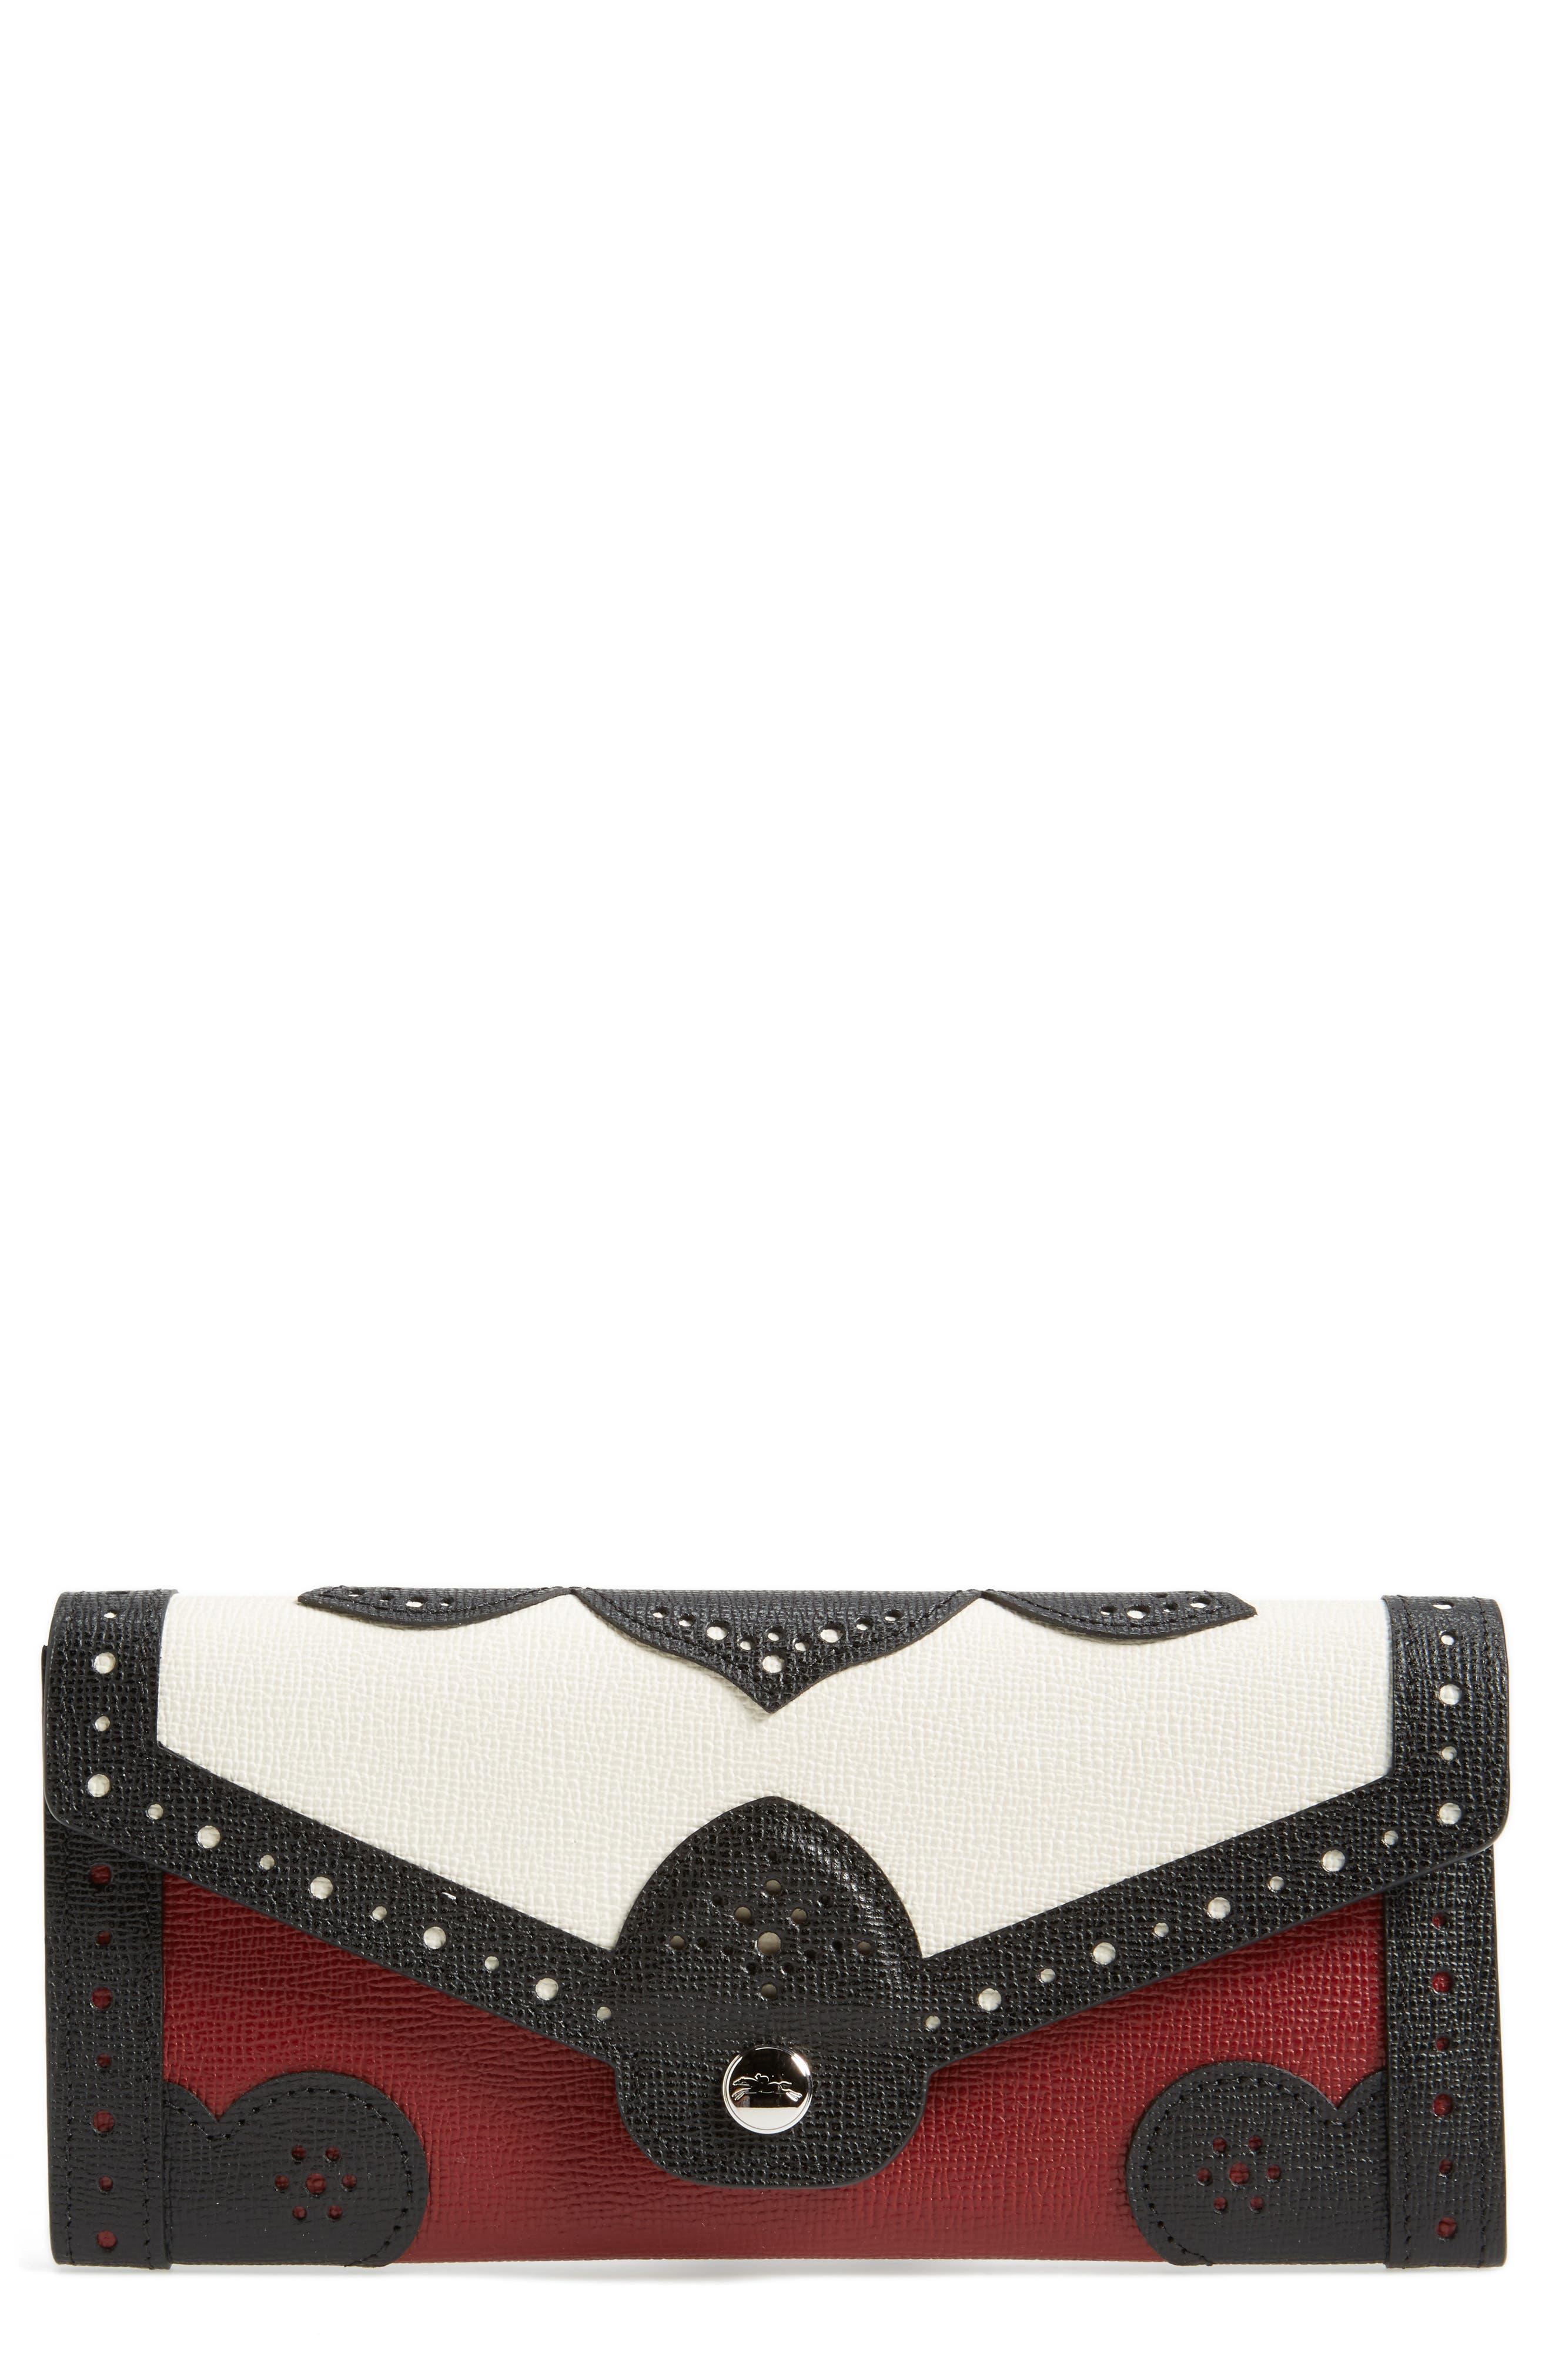 Main Image - Longchamp Effrontée Leather Wallet